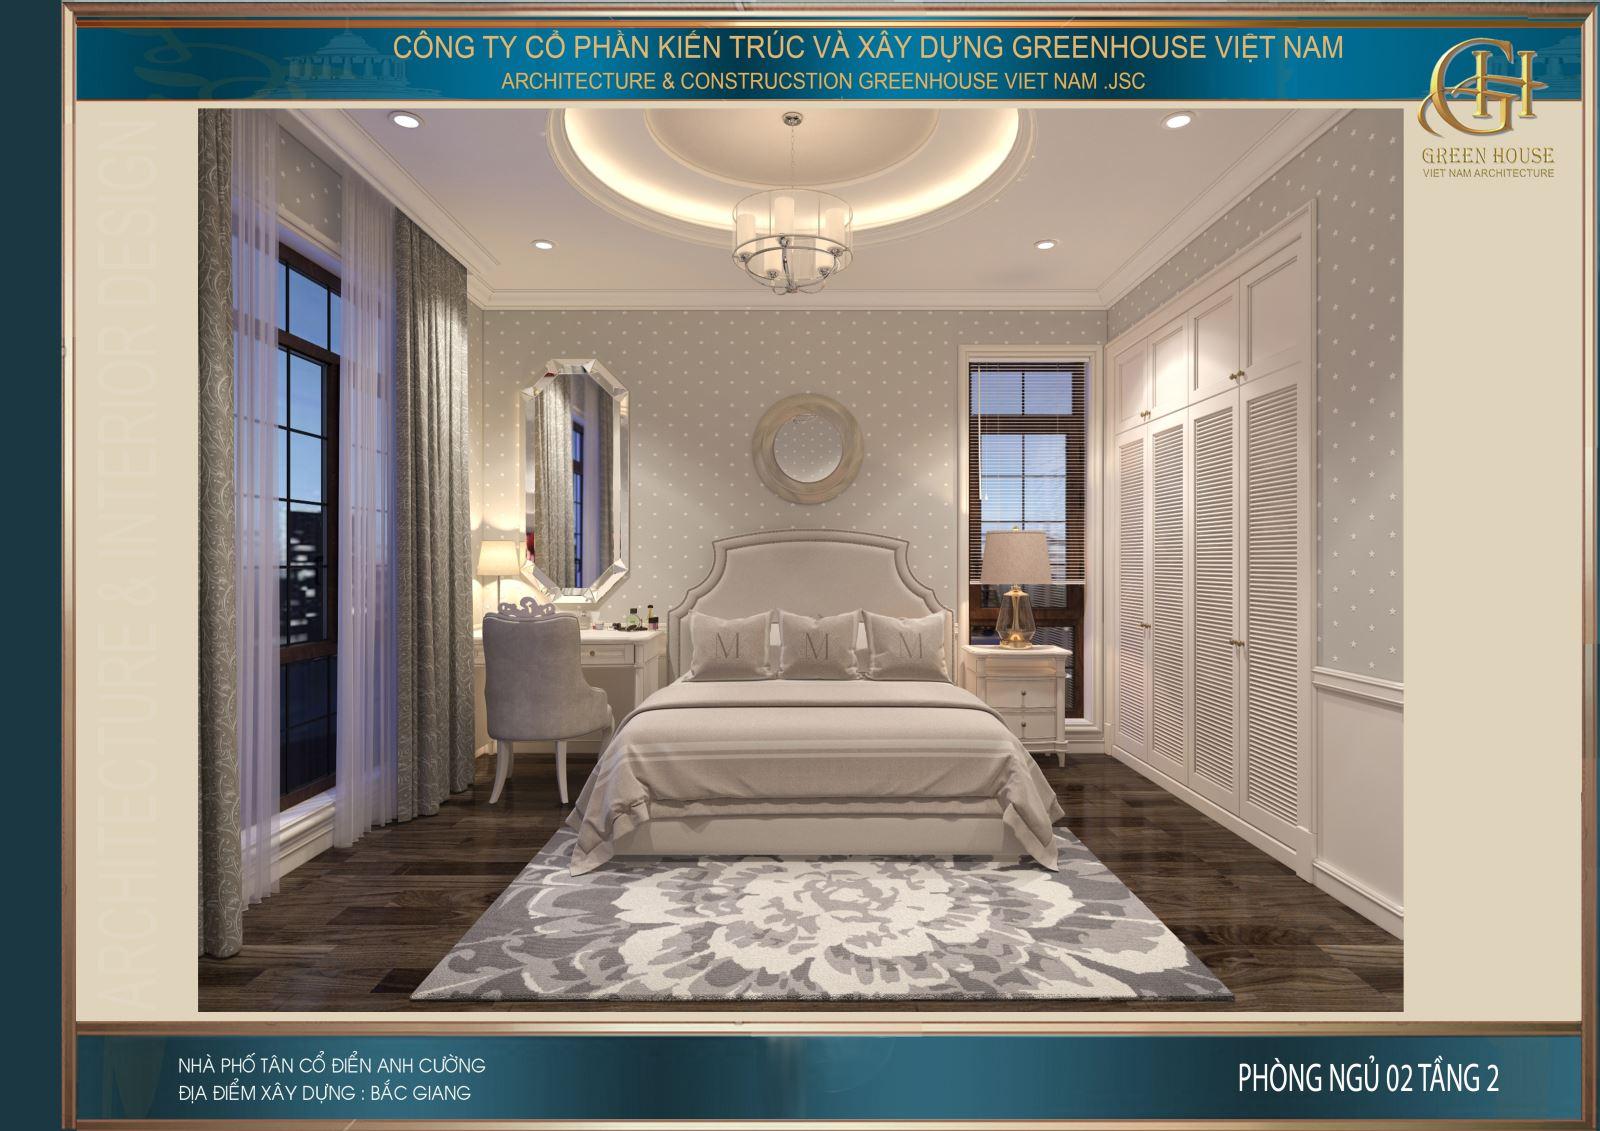 Lưu ý khi thiết kế hướng cửa phòng ngủ theo phong thủy